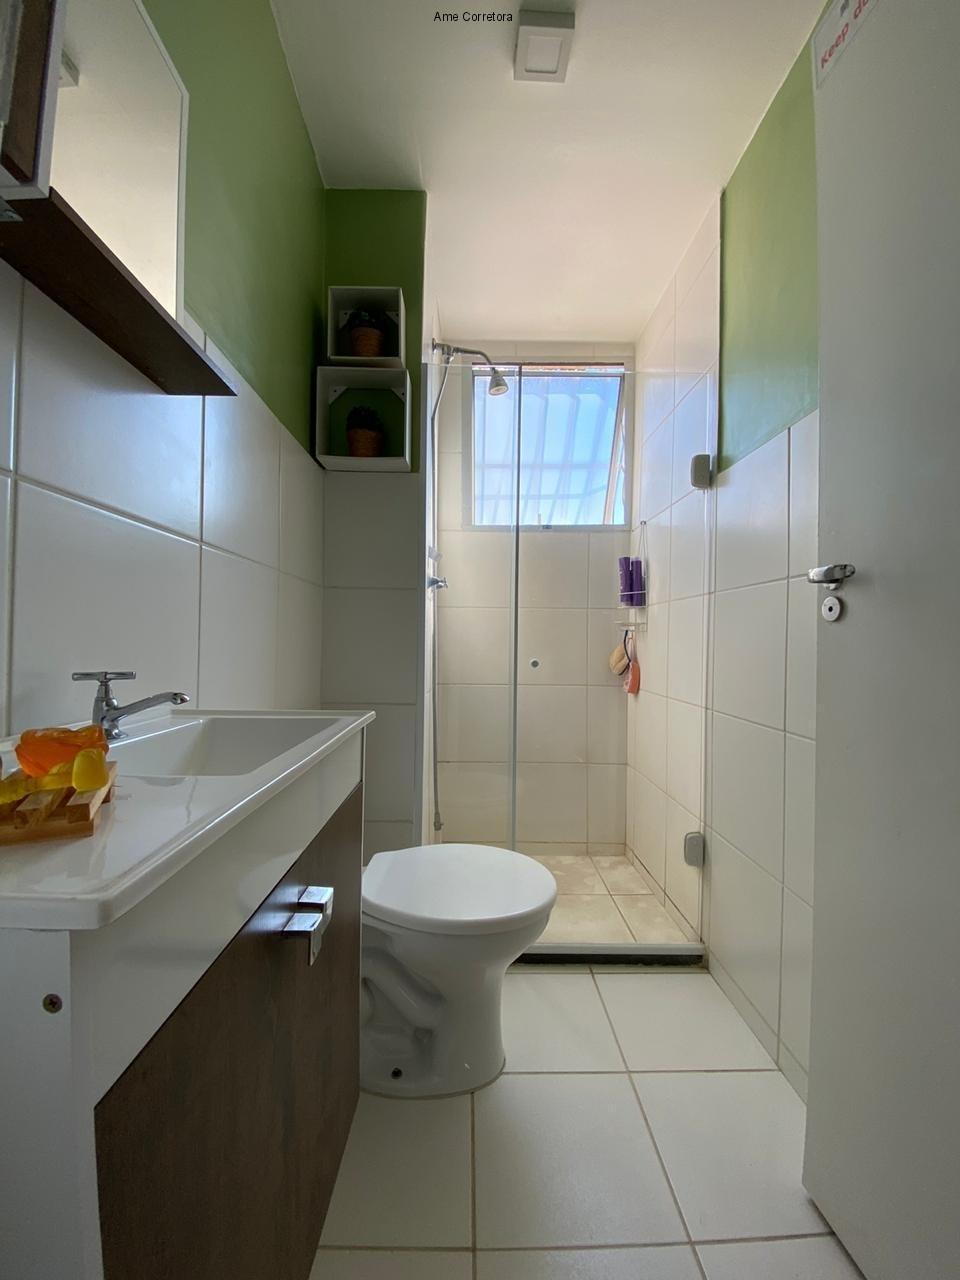 FOTO 03 - Apartamento 2 quartos à venda Rio de Janeiro,RJ - R$ 130.000 - AP00375 - 8